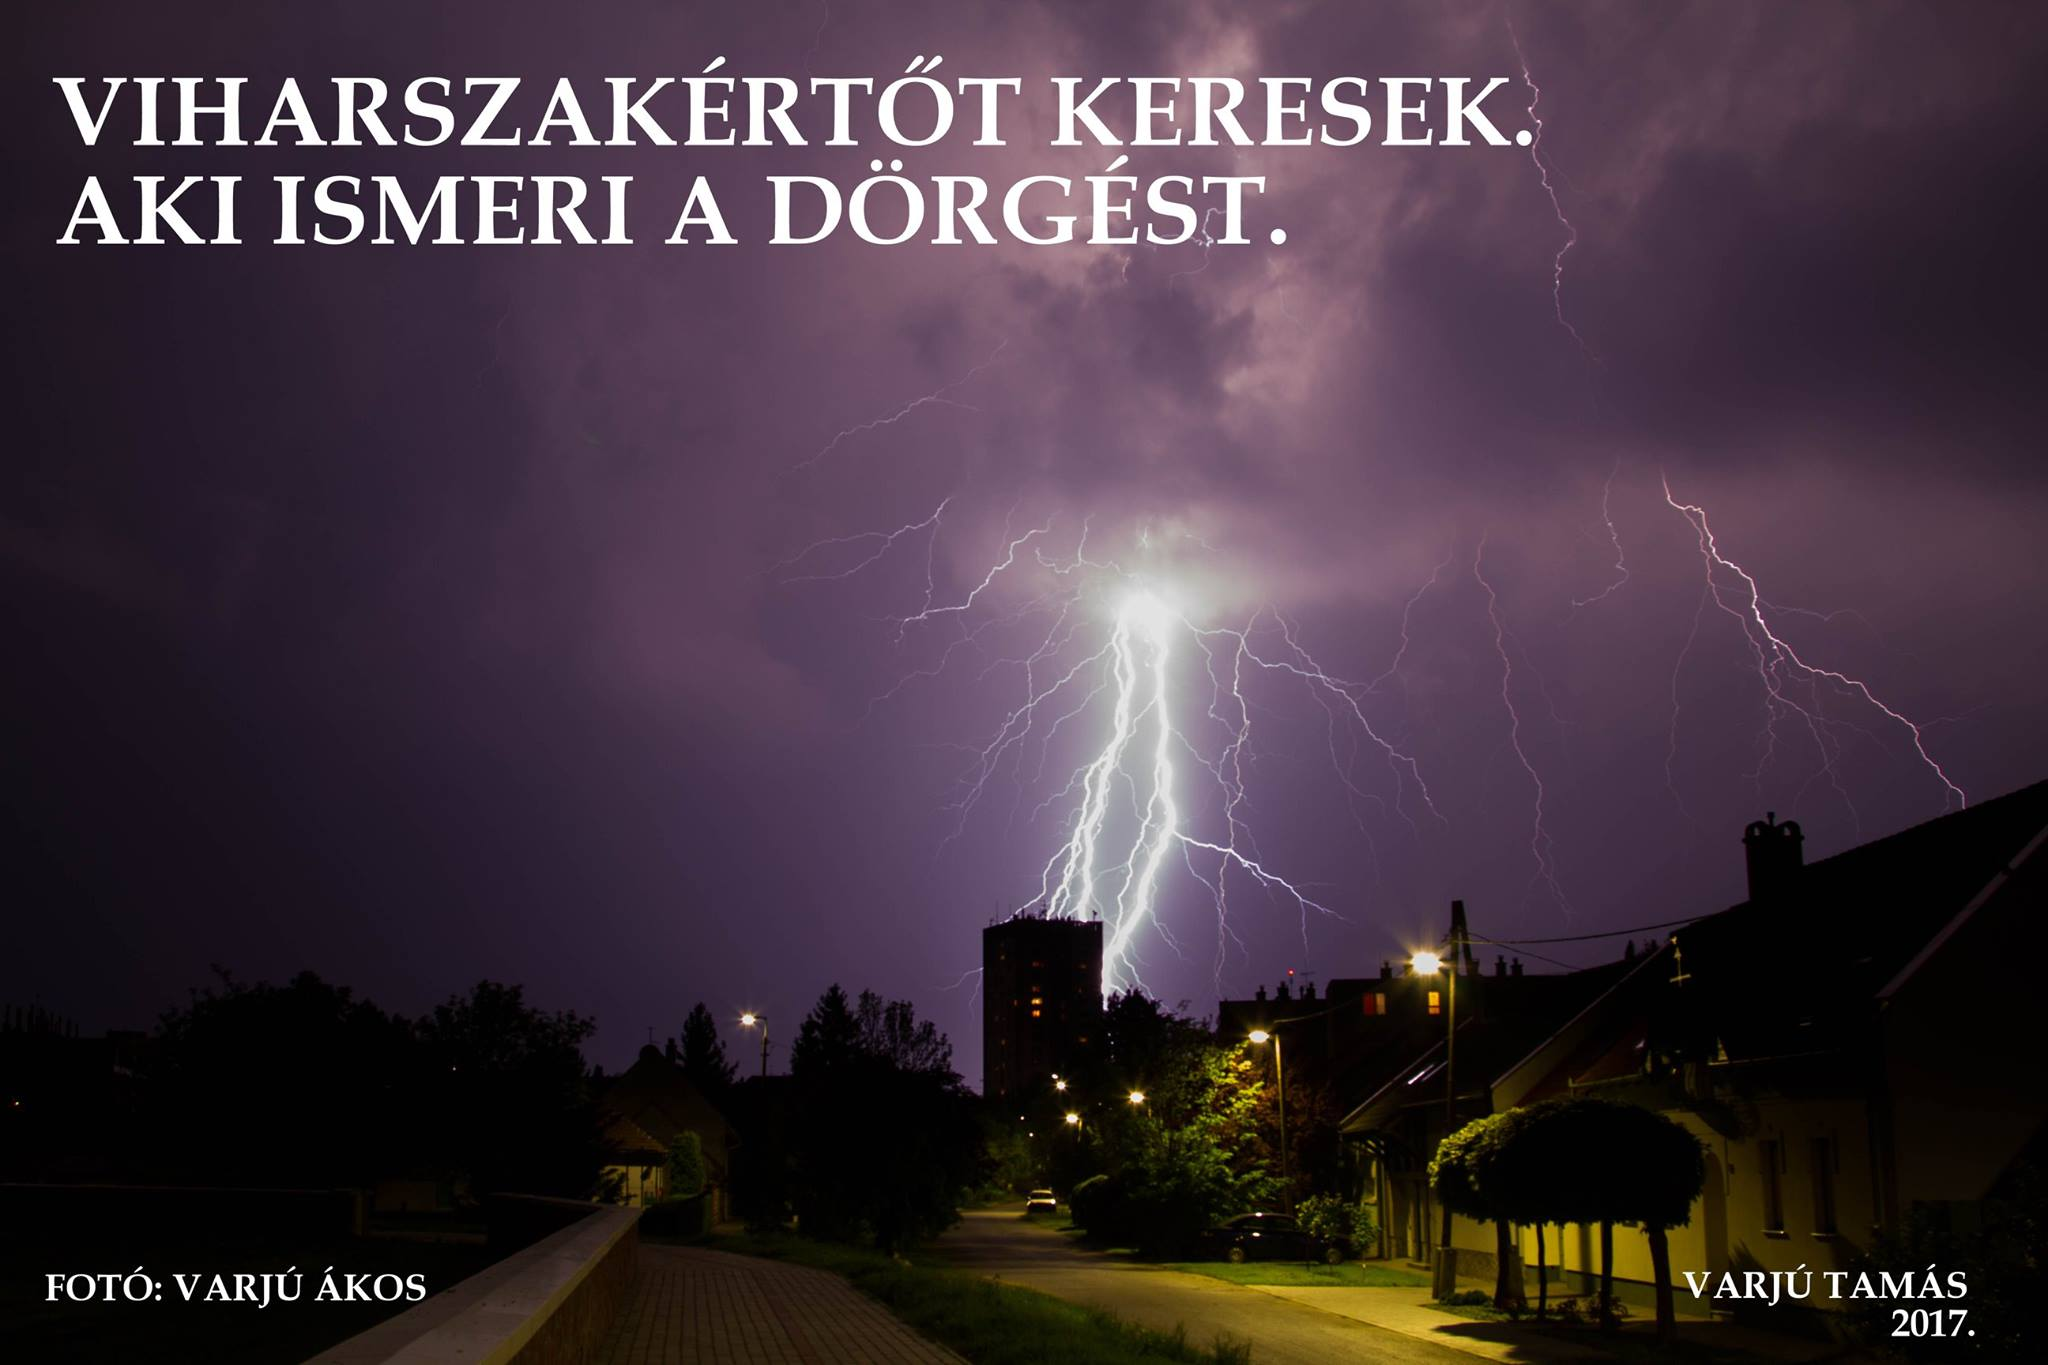 viharszakertot_keresek_aki_ismeri_a_dorgest.jpg